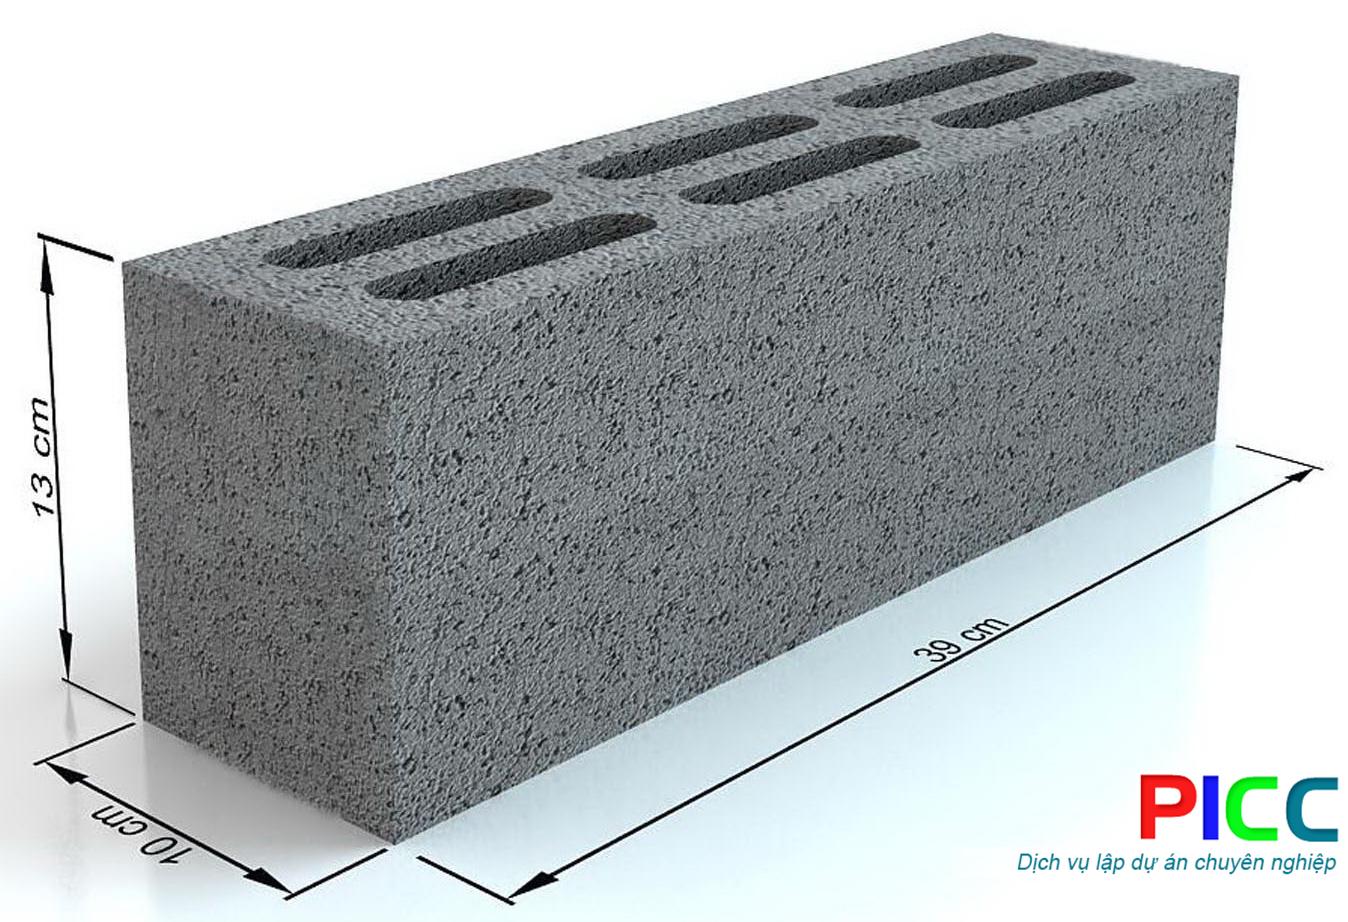 Lập Nhà máy sản xuất gạch không nung ly tâm bê tông đúc sẵn, gạch vỉa hè